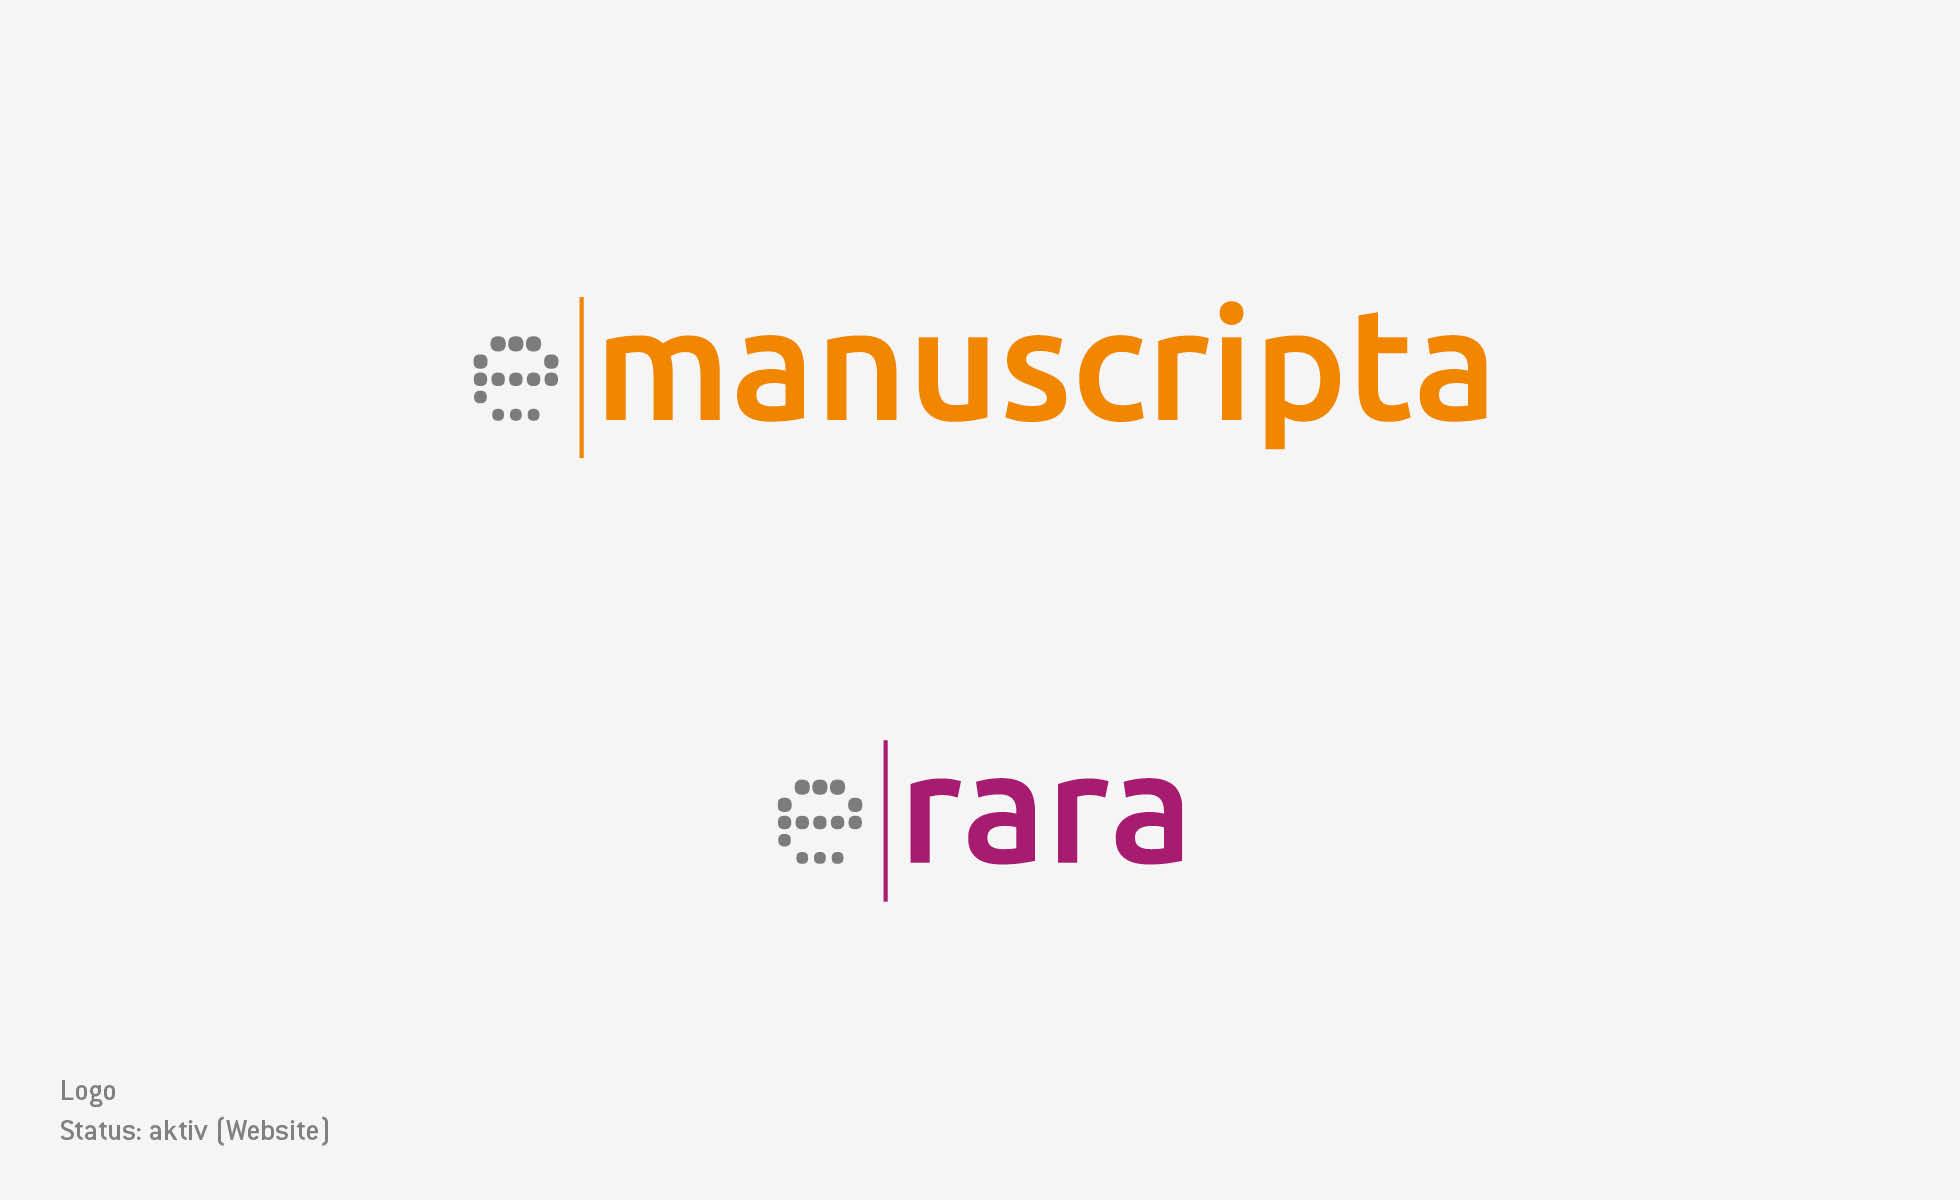 cd_e-maniscripta_e-rara_01.jpg